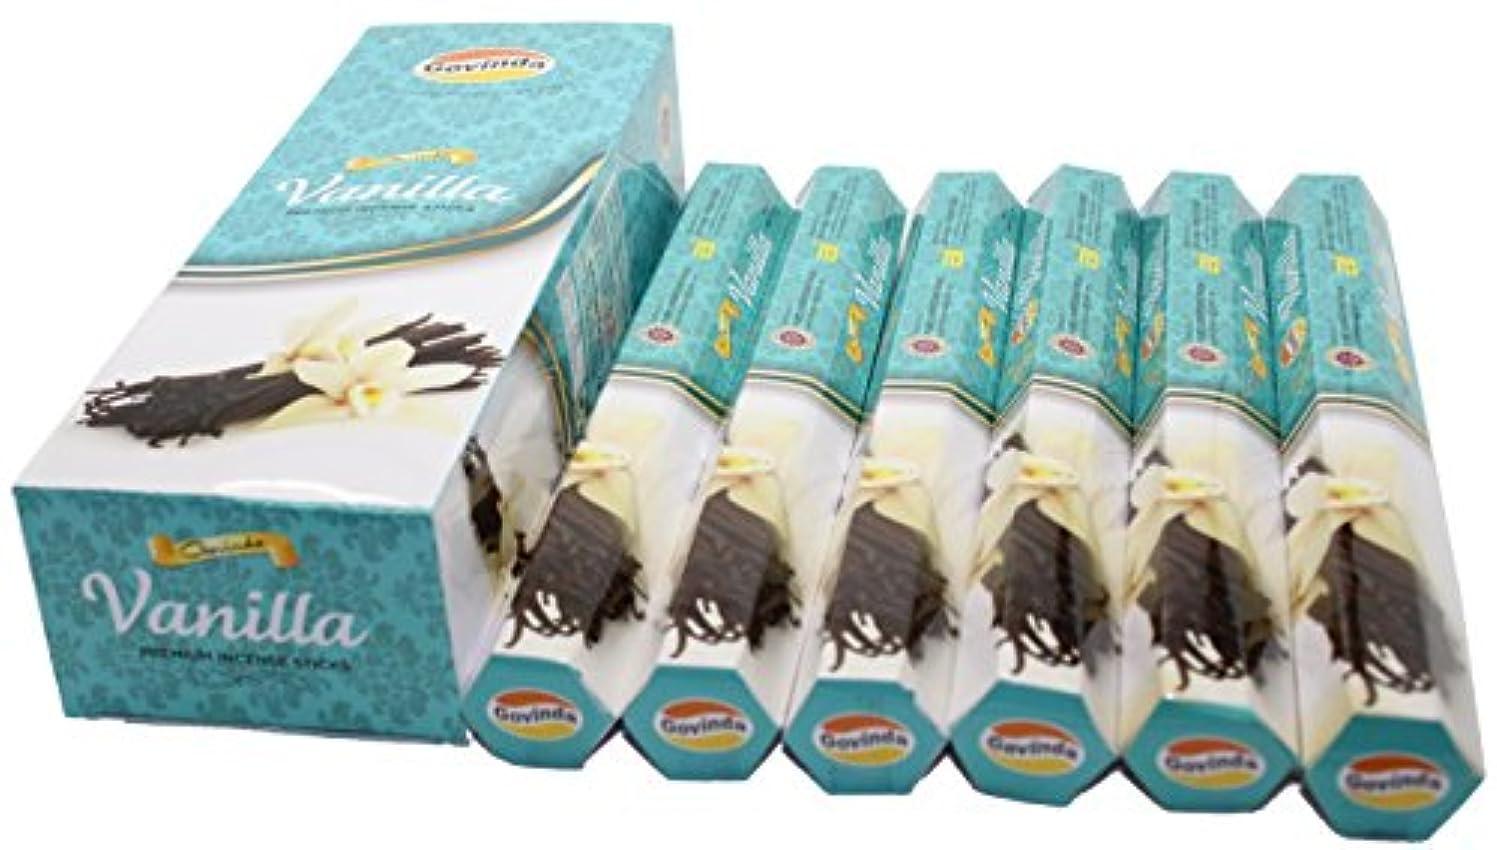 神秘不満否認するGovinda ®お香 – Vanilla – 120 Incense Sticks、プレミアムIncense、Masalaコーティング